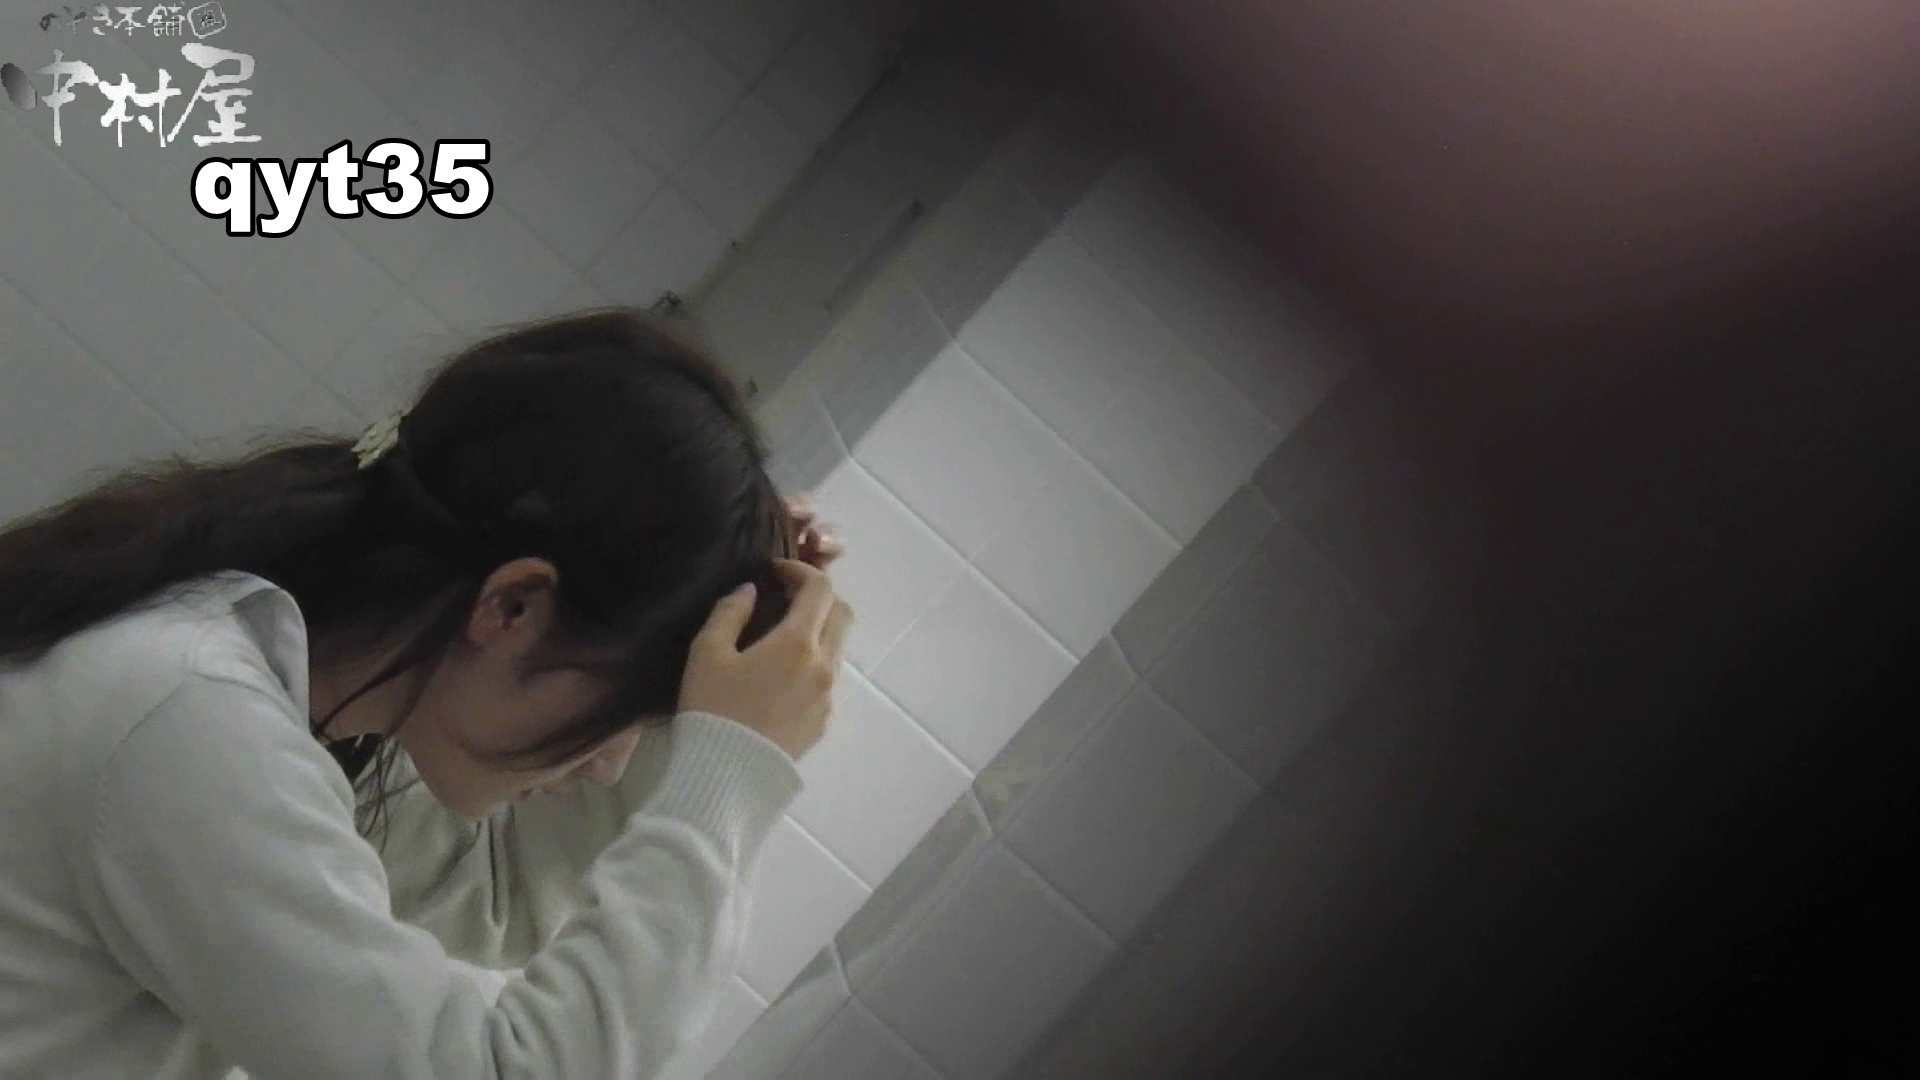 【お銀さんの「洗面所突入レポート!!」】お銀さんの「洗面所突入レポート!!」 vol.35 広げると出ます 洗面所 | HなOL  68pic 59